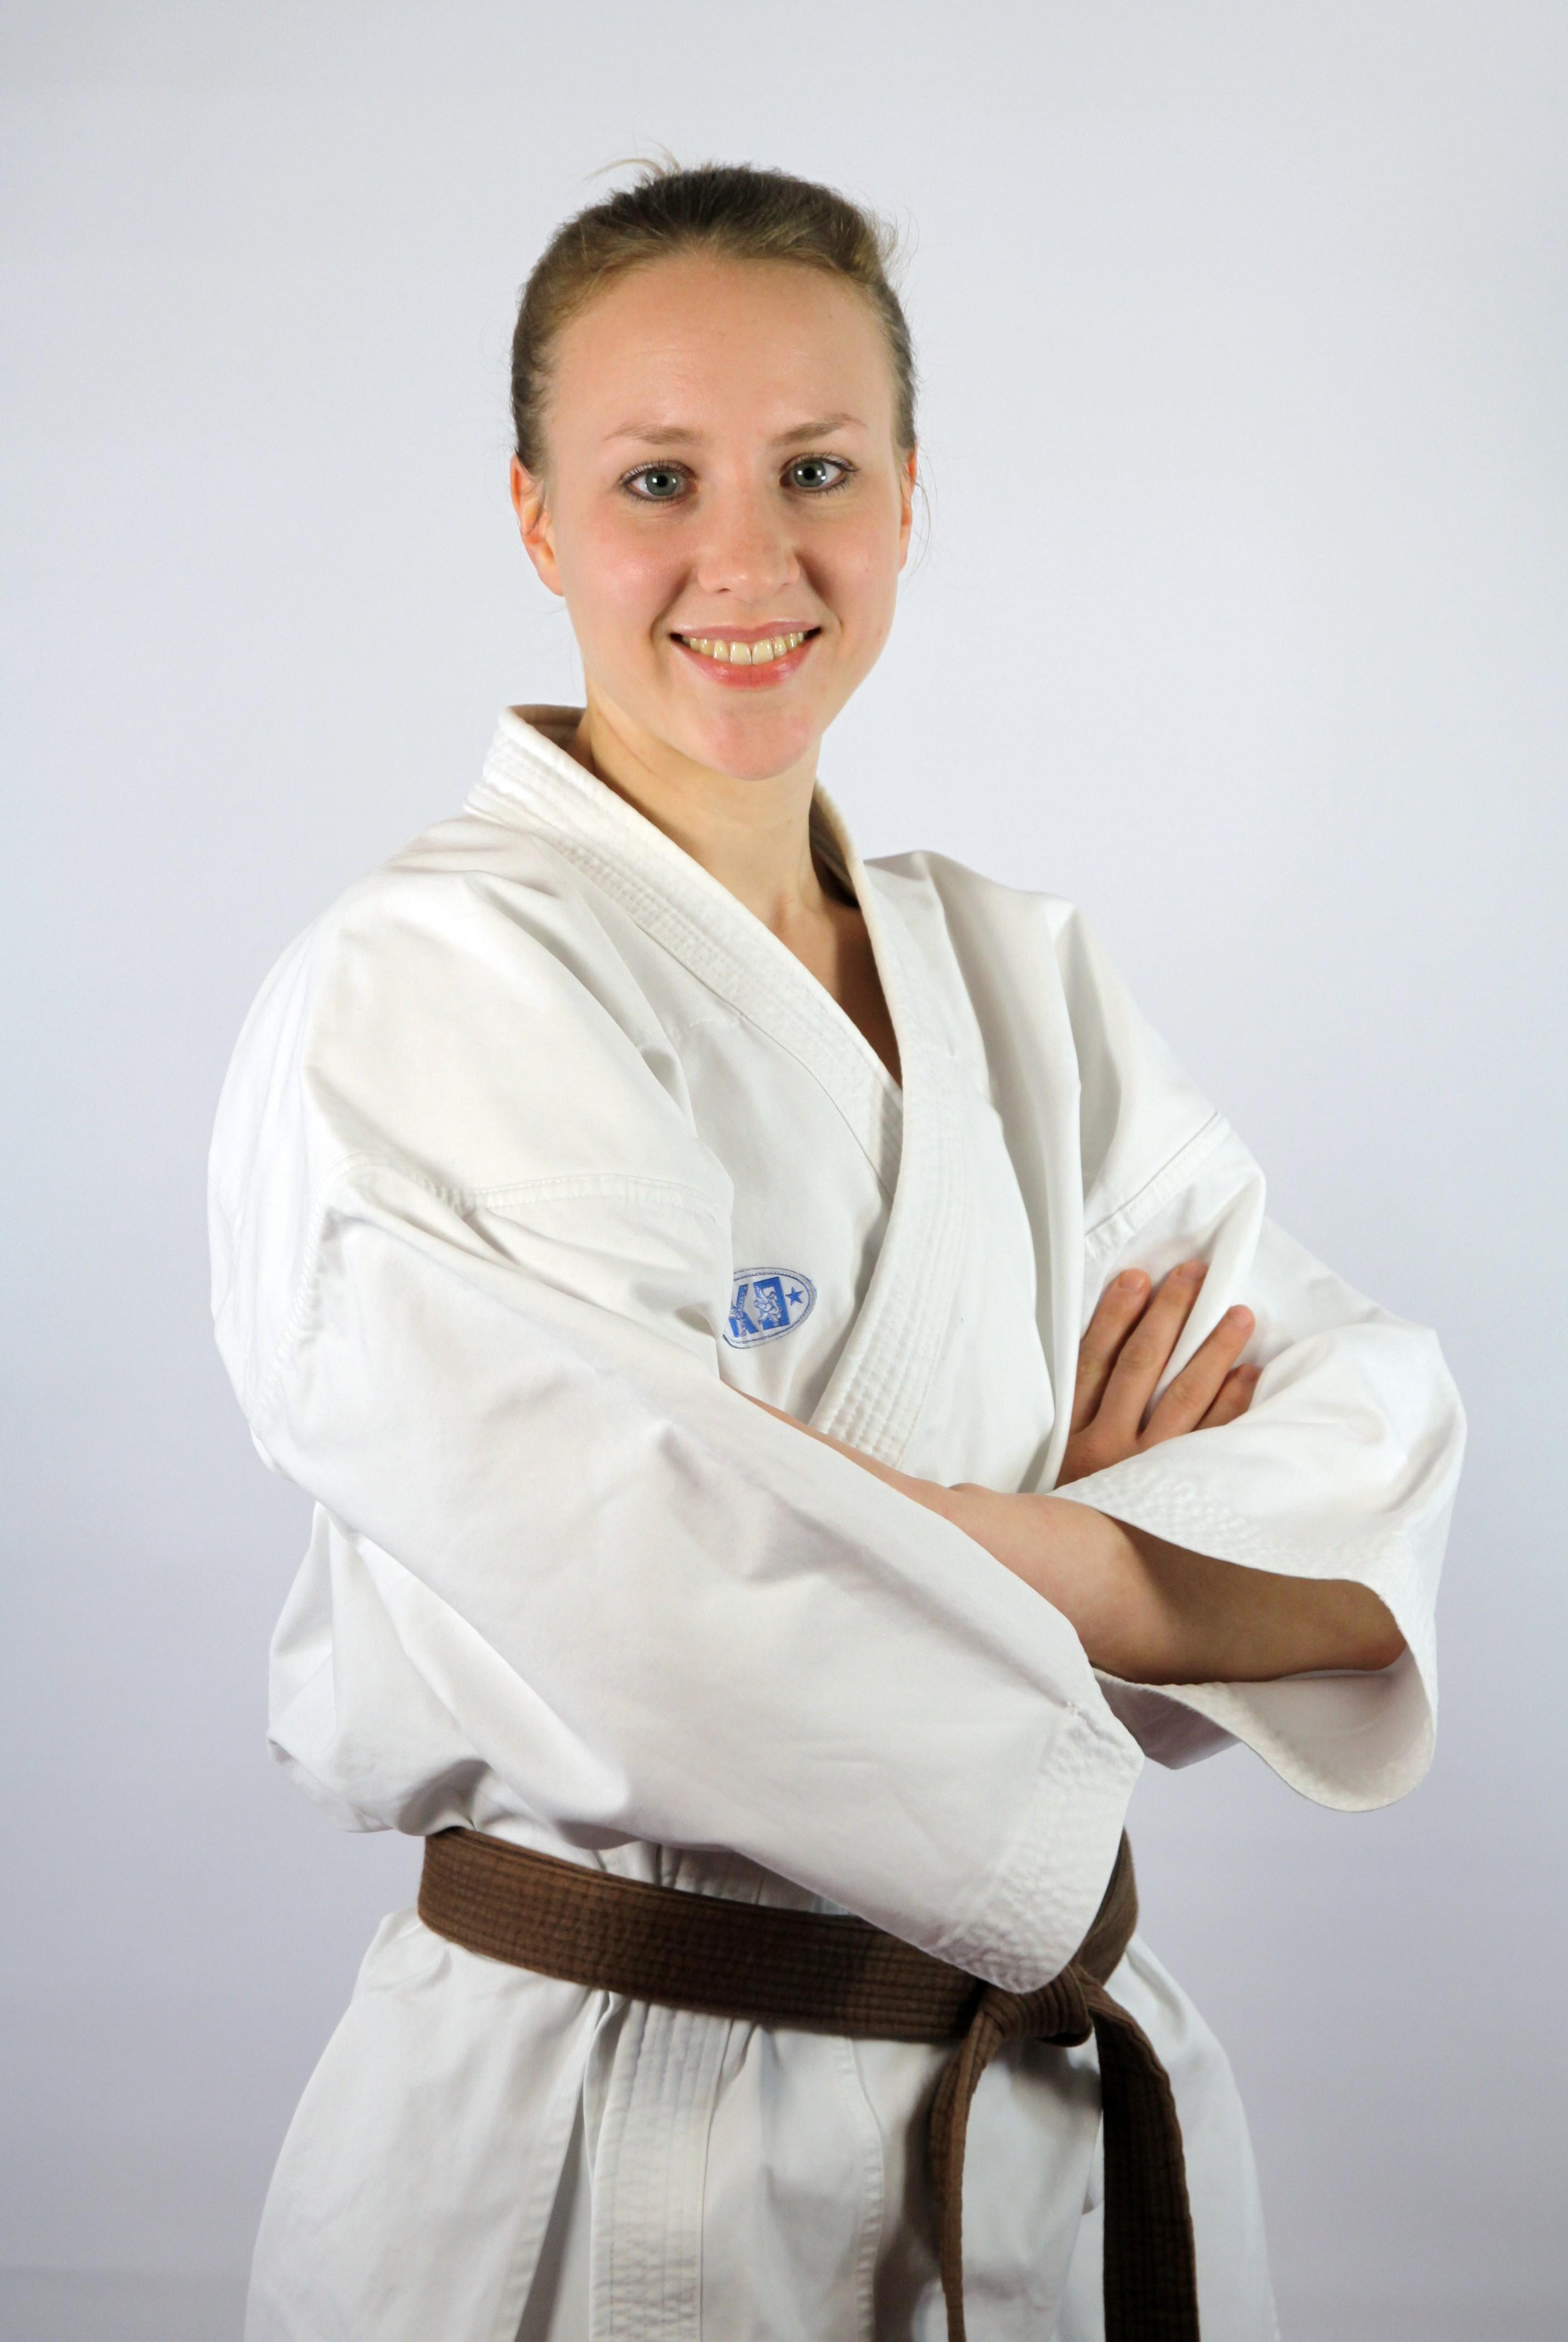 Lara-Katharina Beresheim